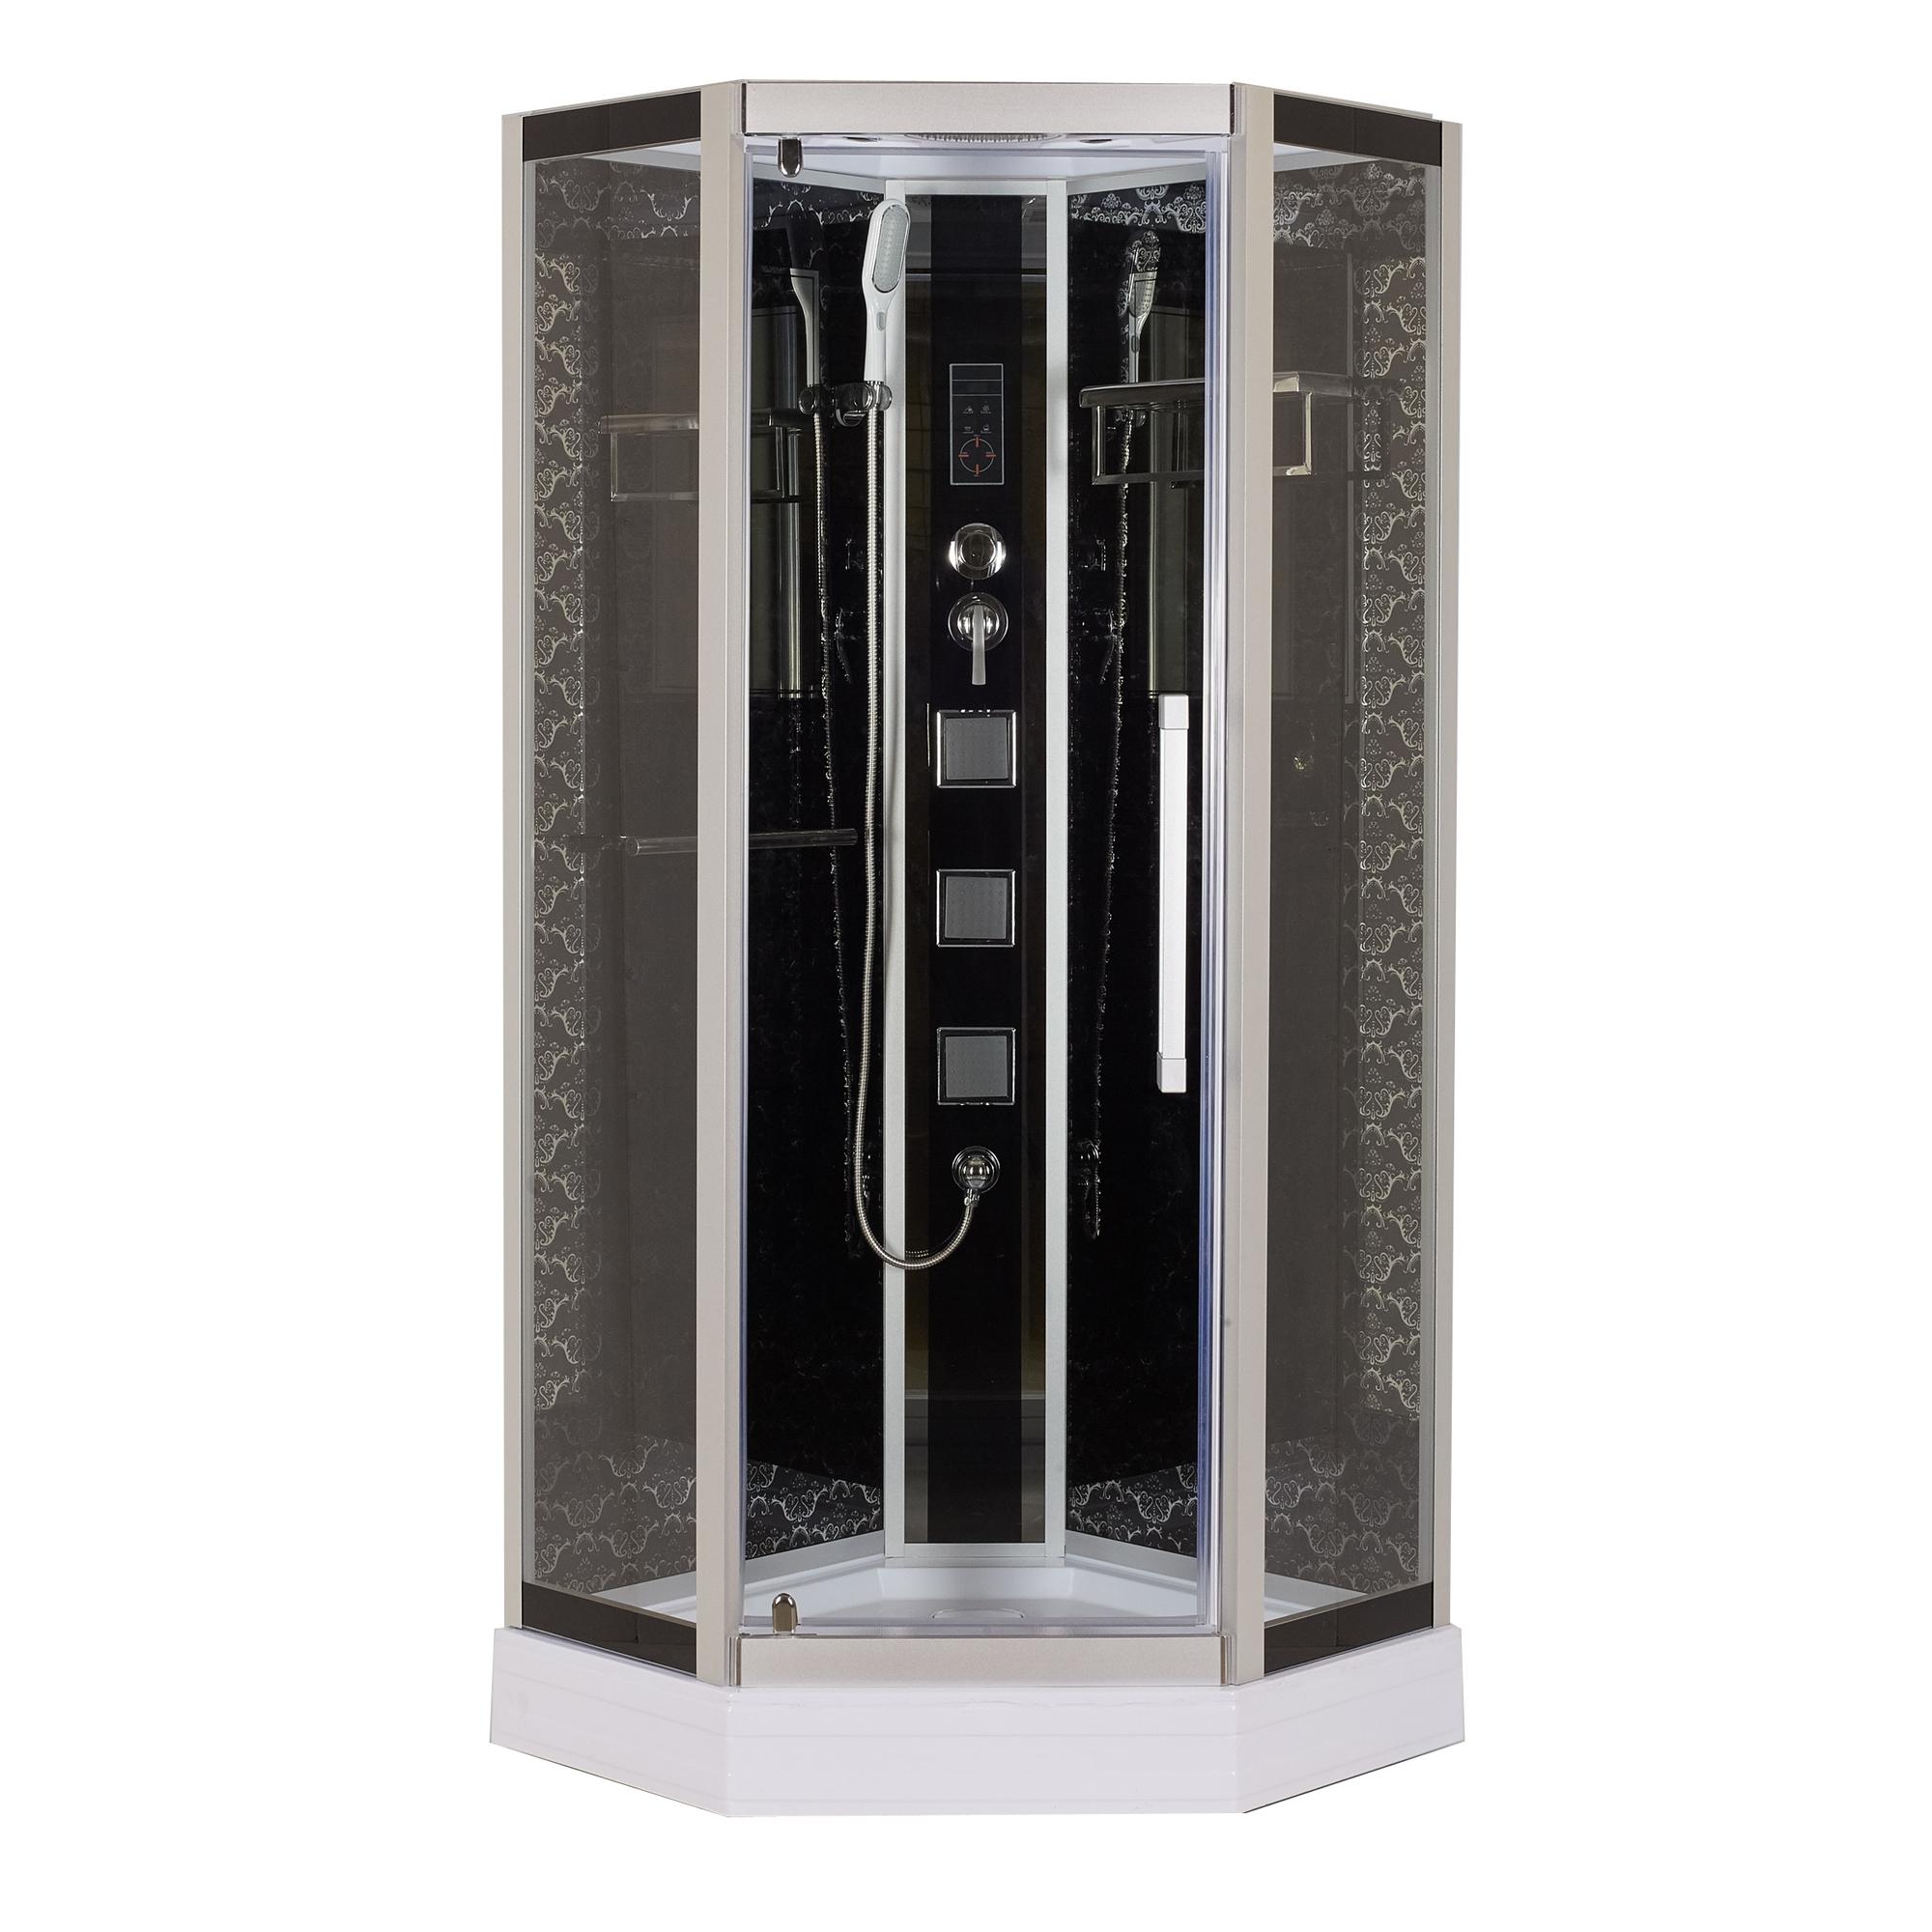 Душевая кабина Niagara Lux 7799B черный душевая стойка lux railkit цвет хром высота 75 см